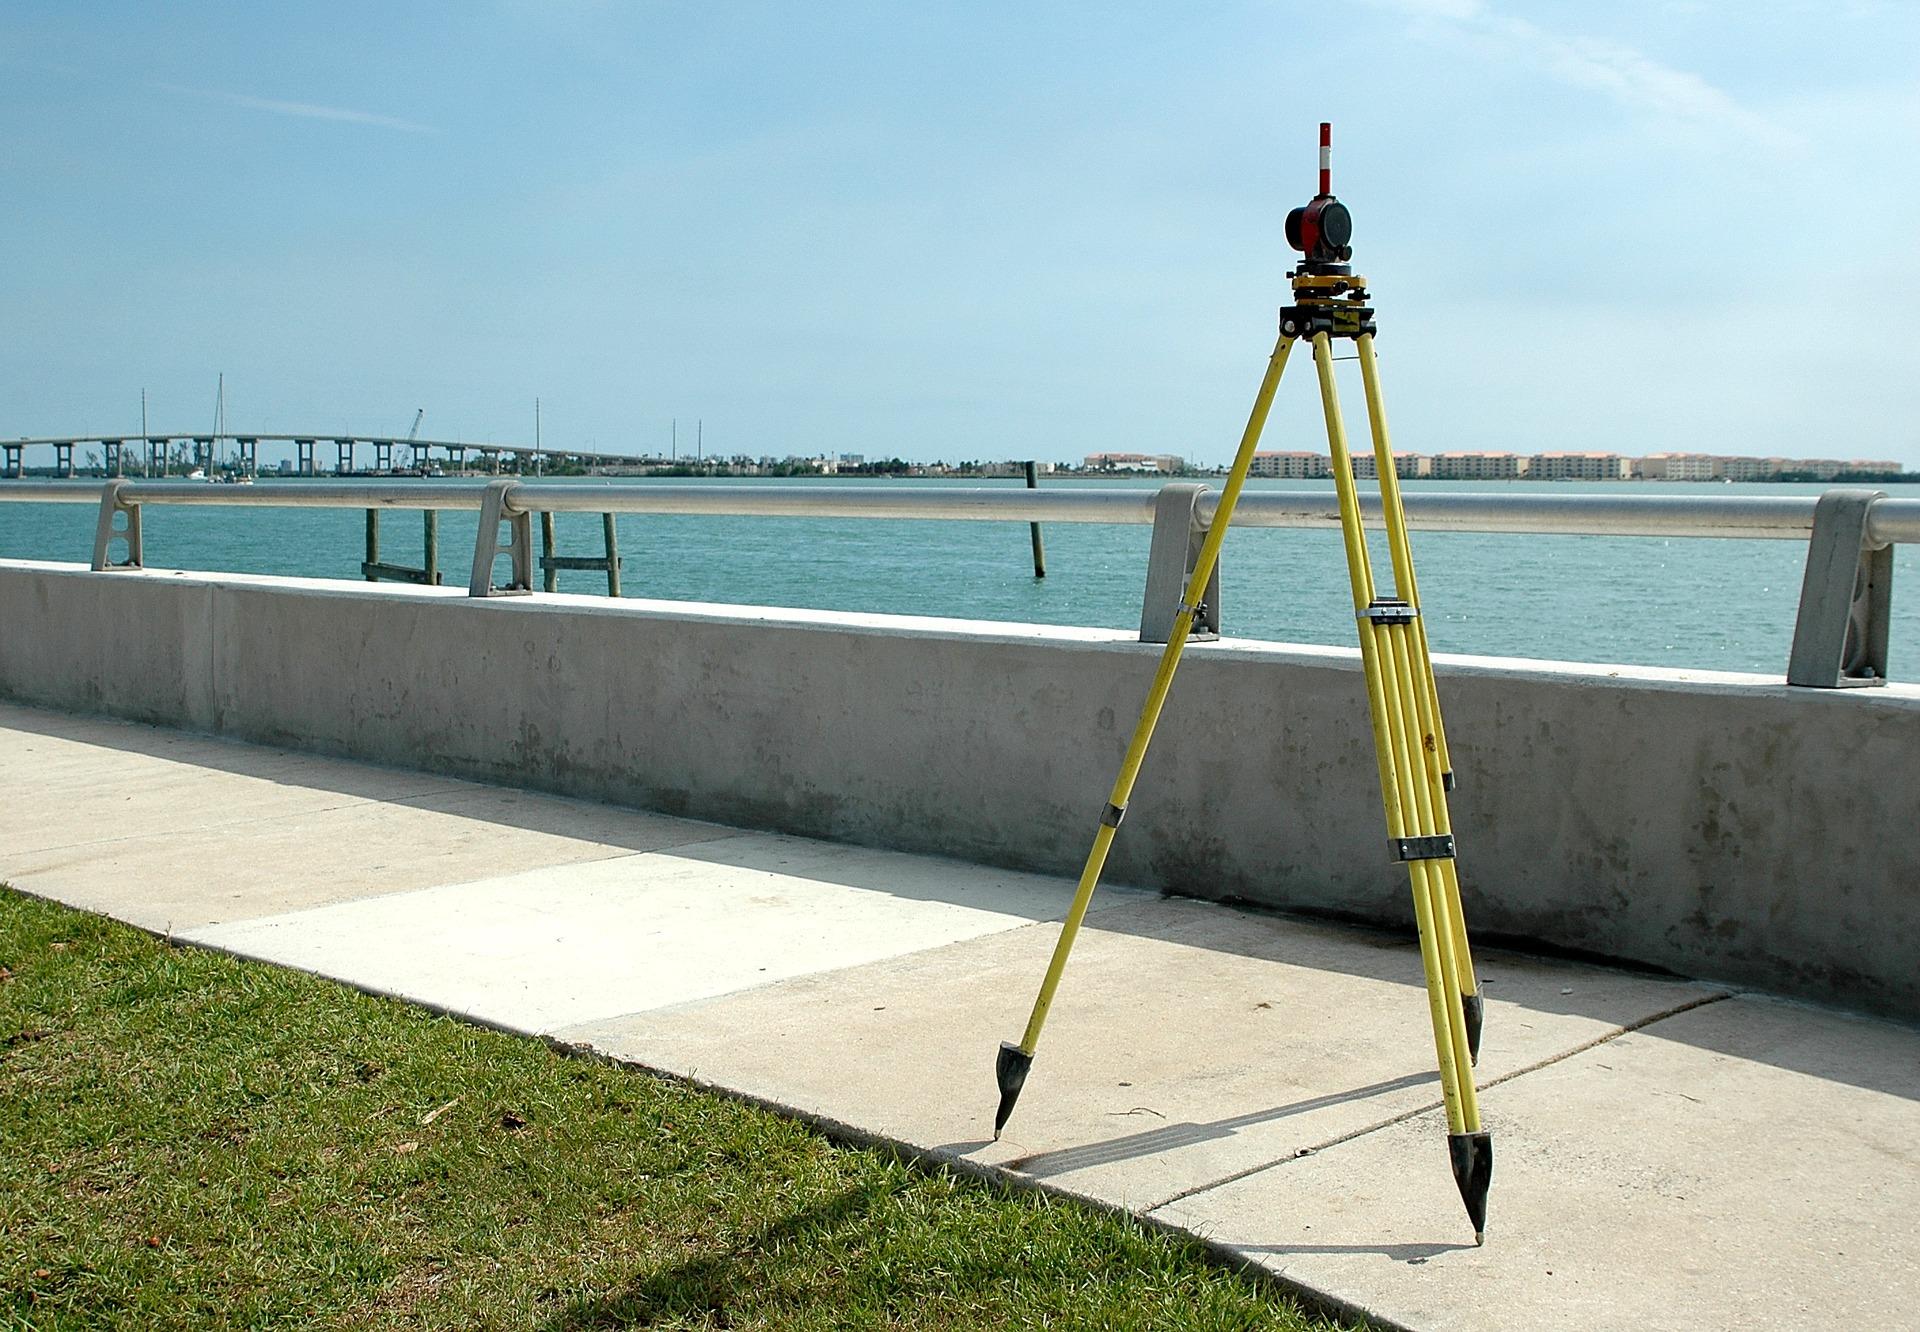 Um nível a laser em um tripé medindo uma área de concreto próxima a uma represa.